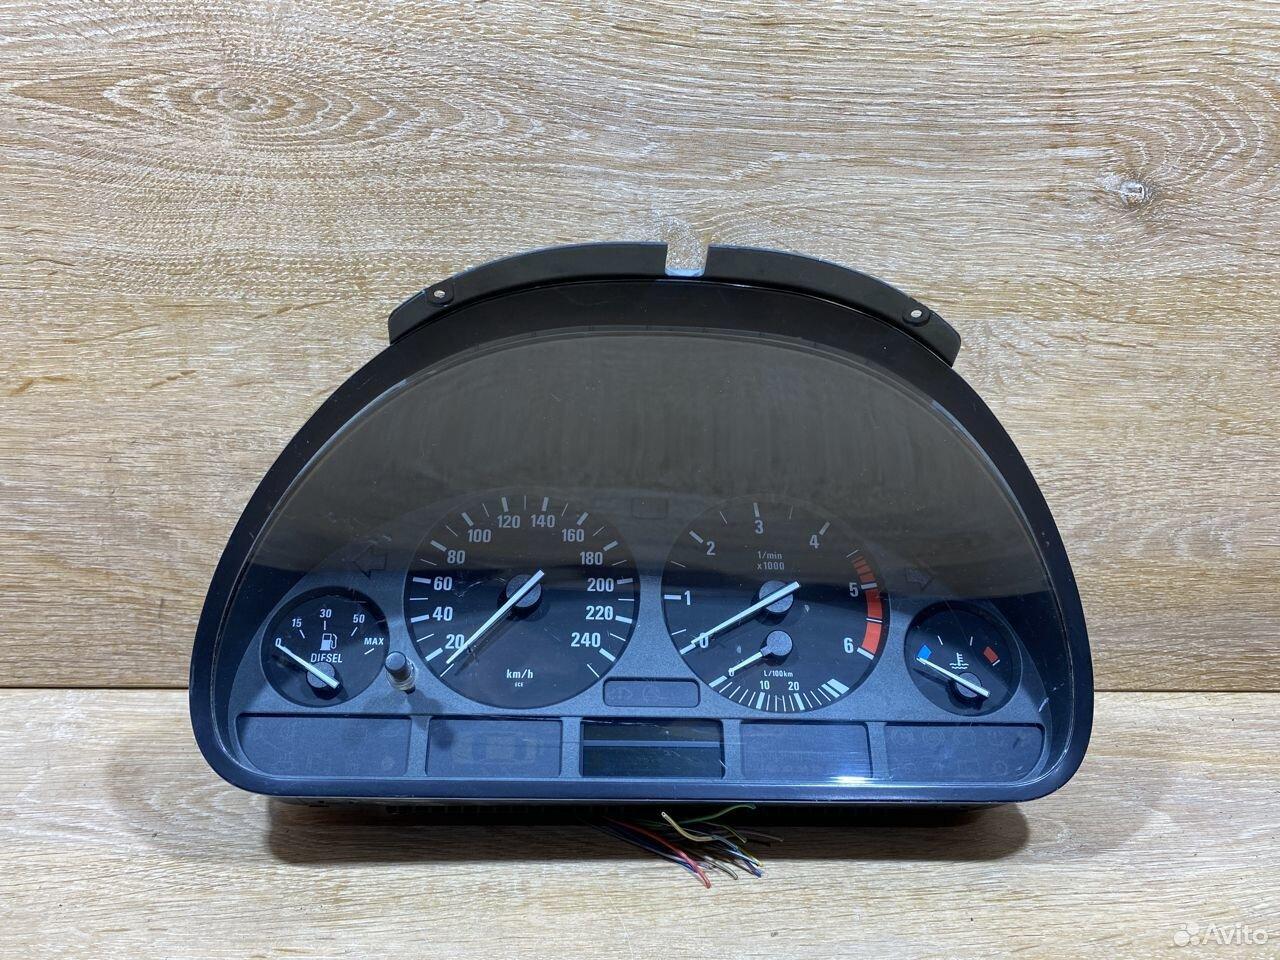 Панель приборов BMW E39 дизель 772089  89534684247 купить 1